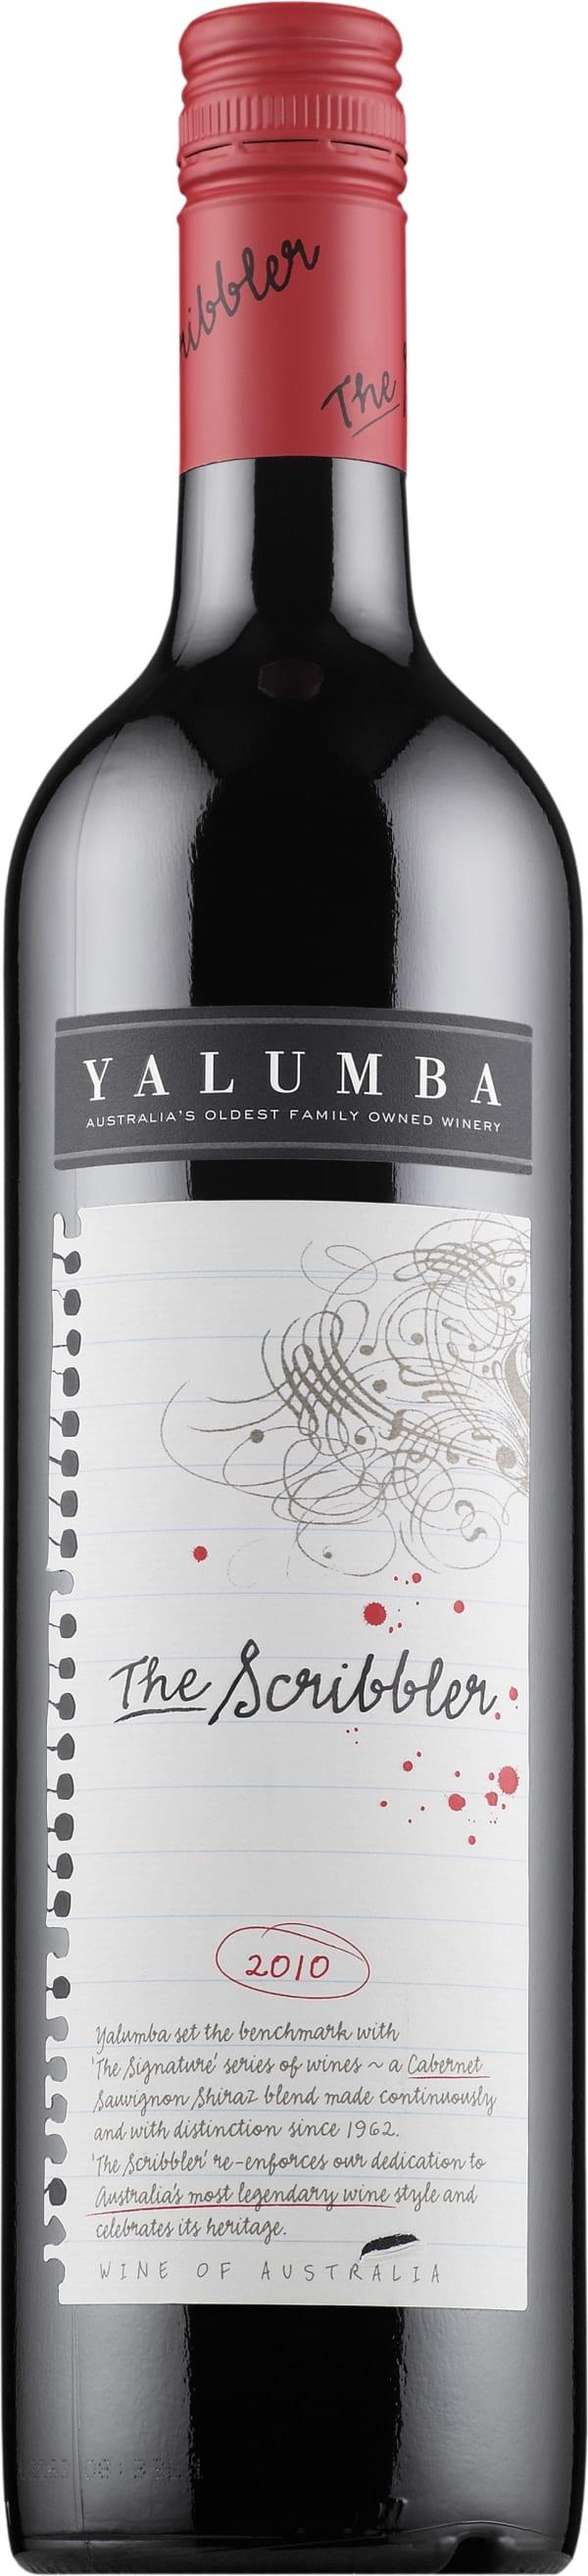 Yalumba The Scribbler 2012